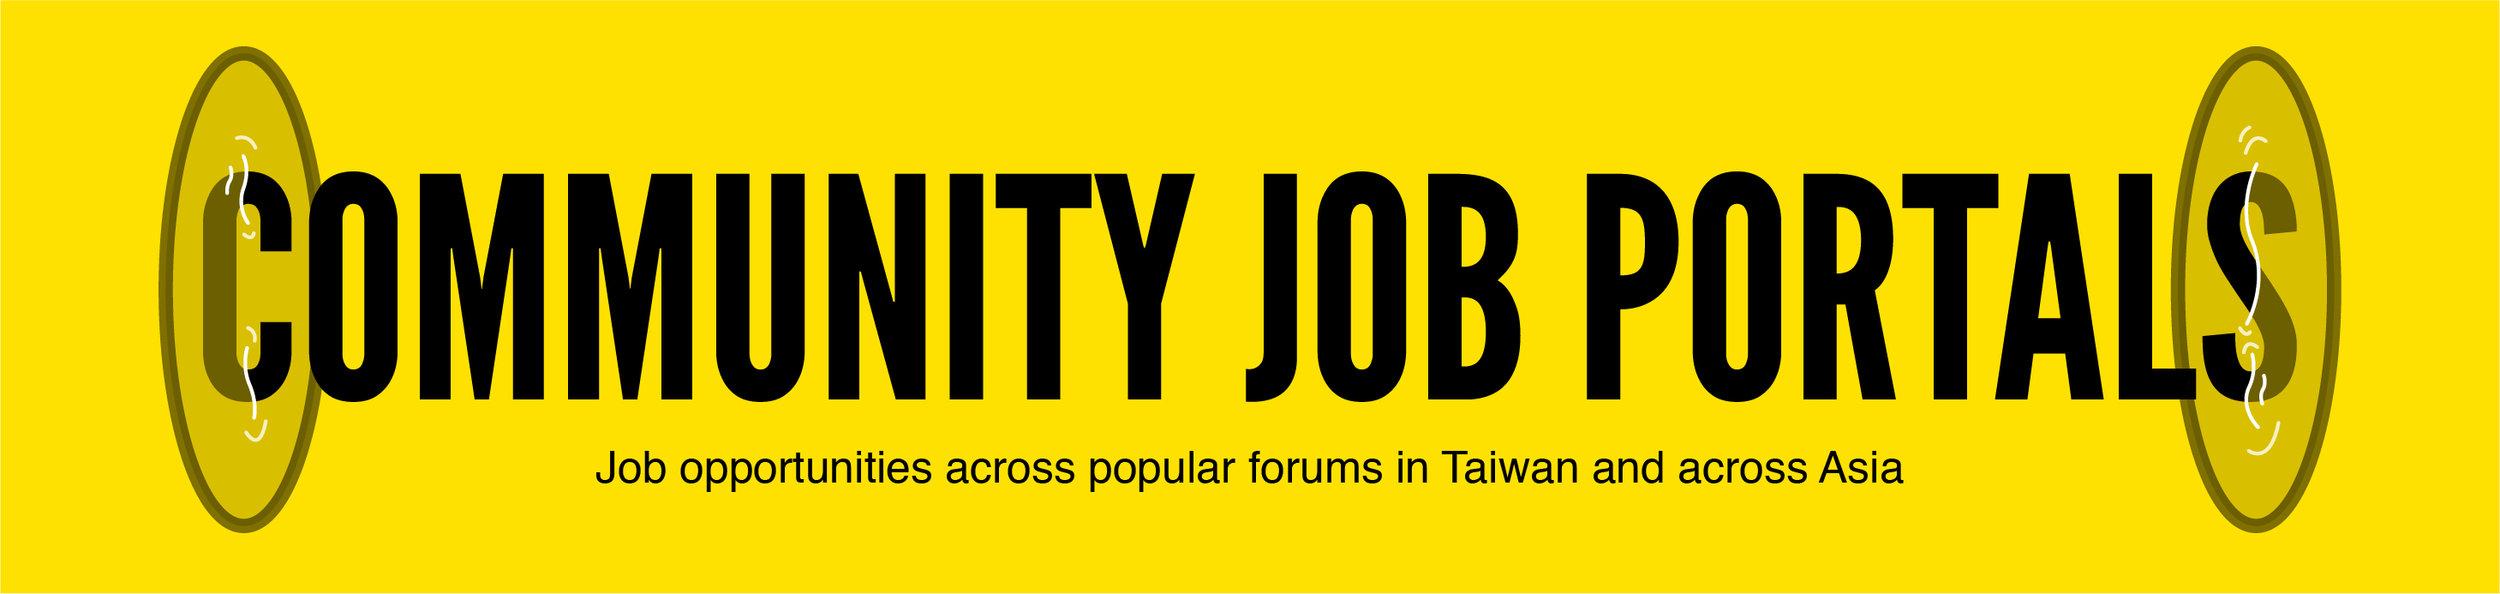 Job Portals.jpg